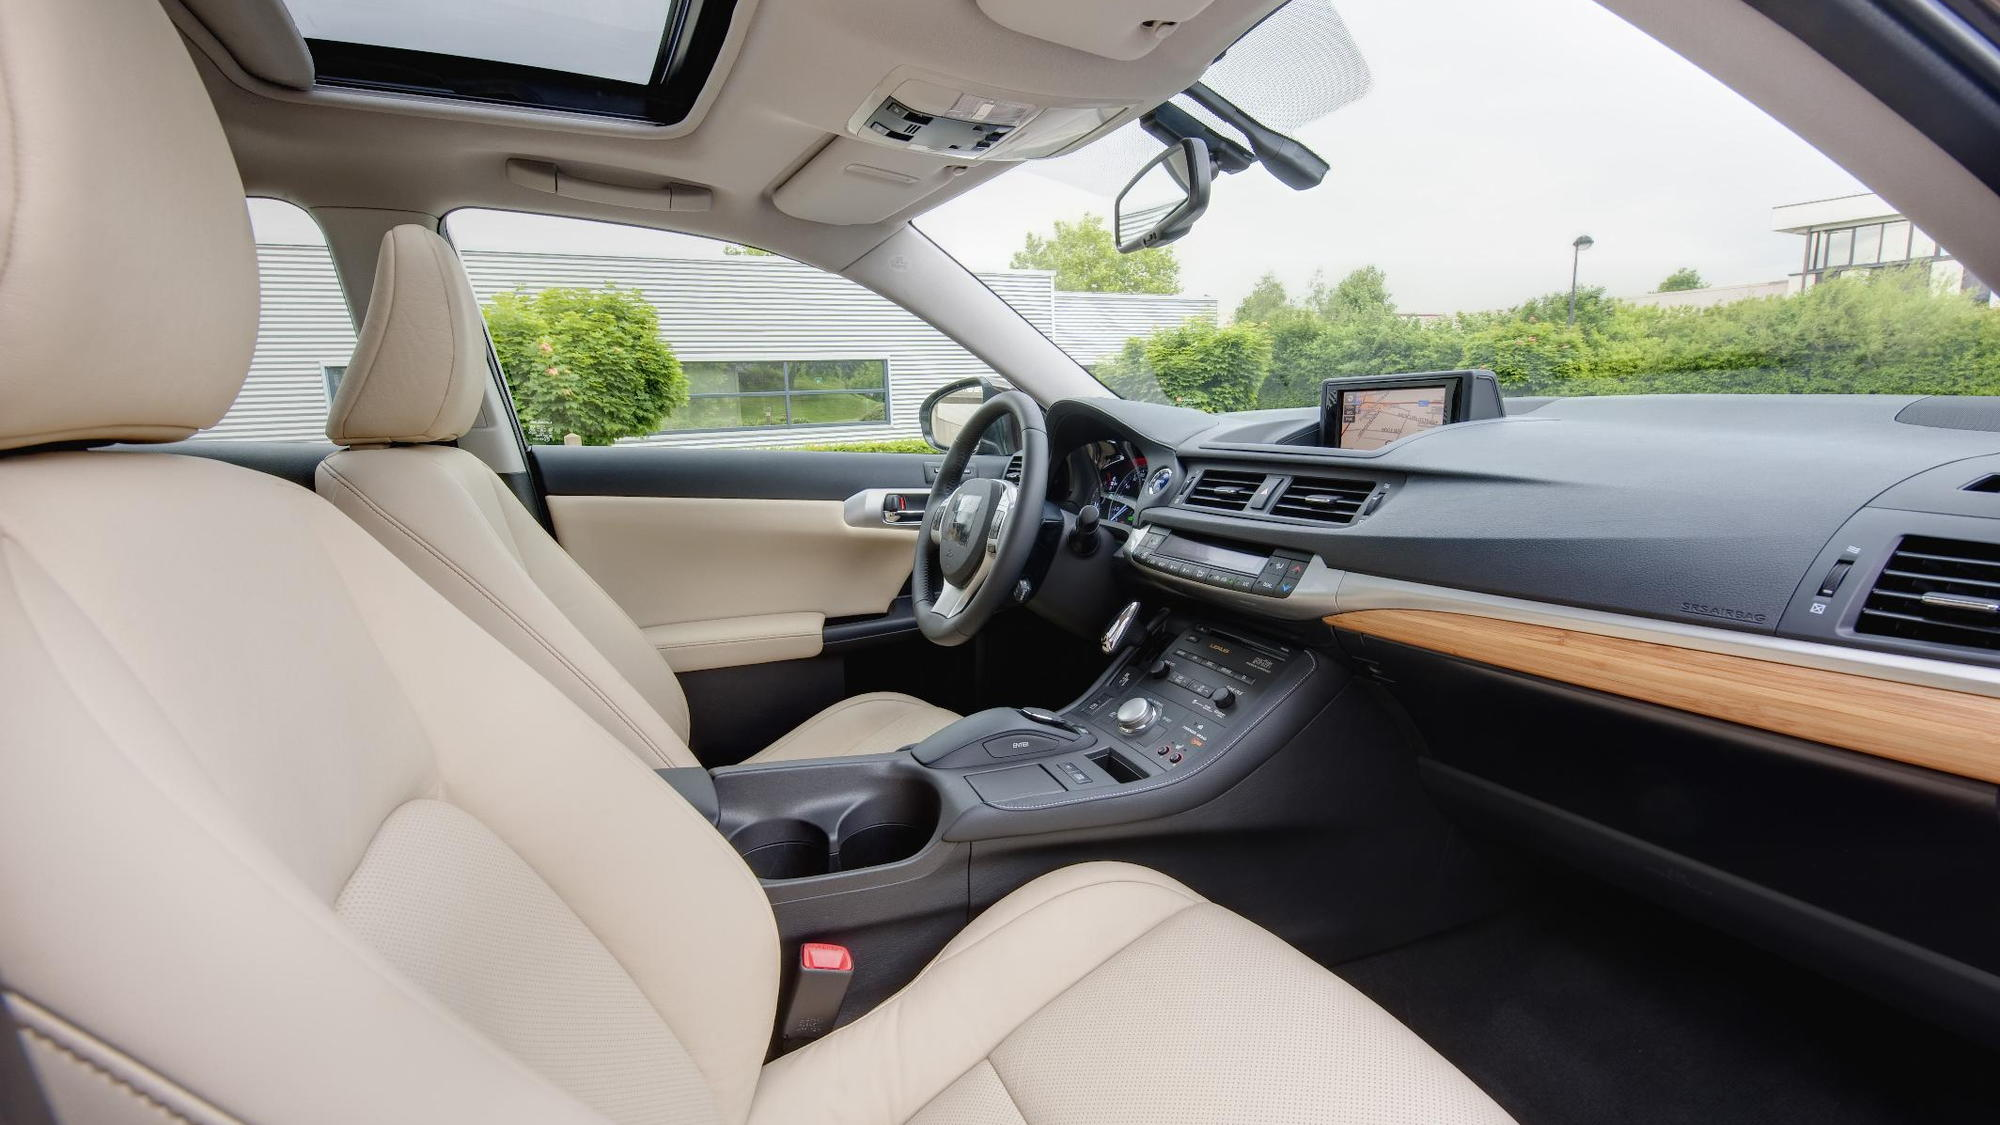 Lexus CT 200h cabin (source: lexus)